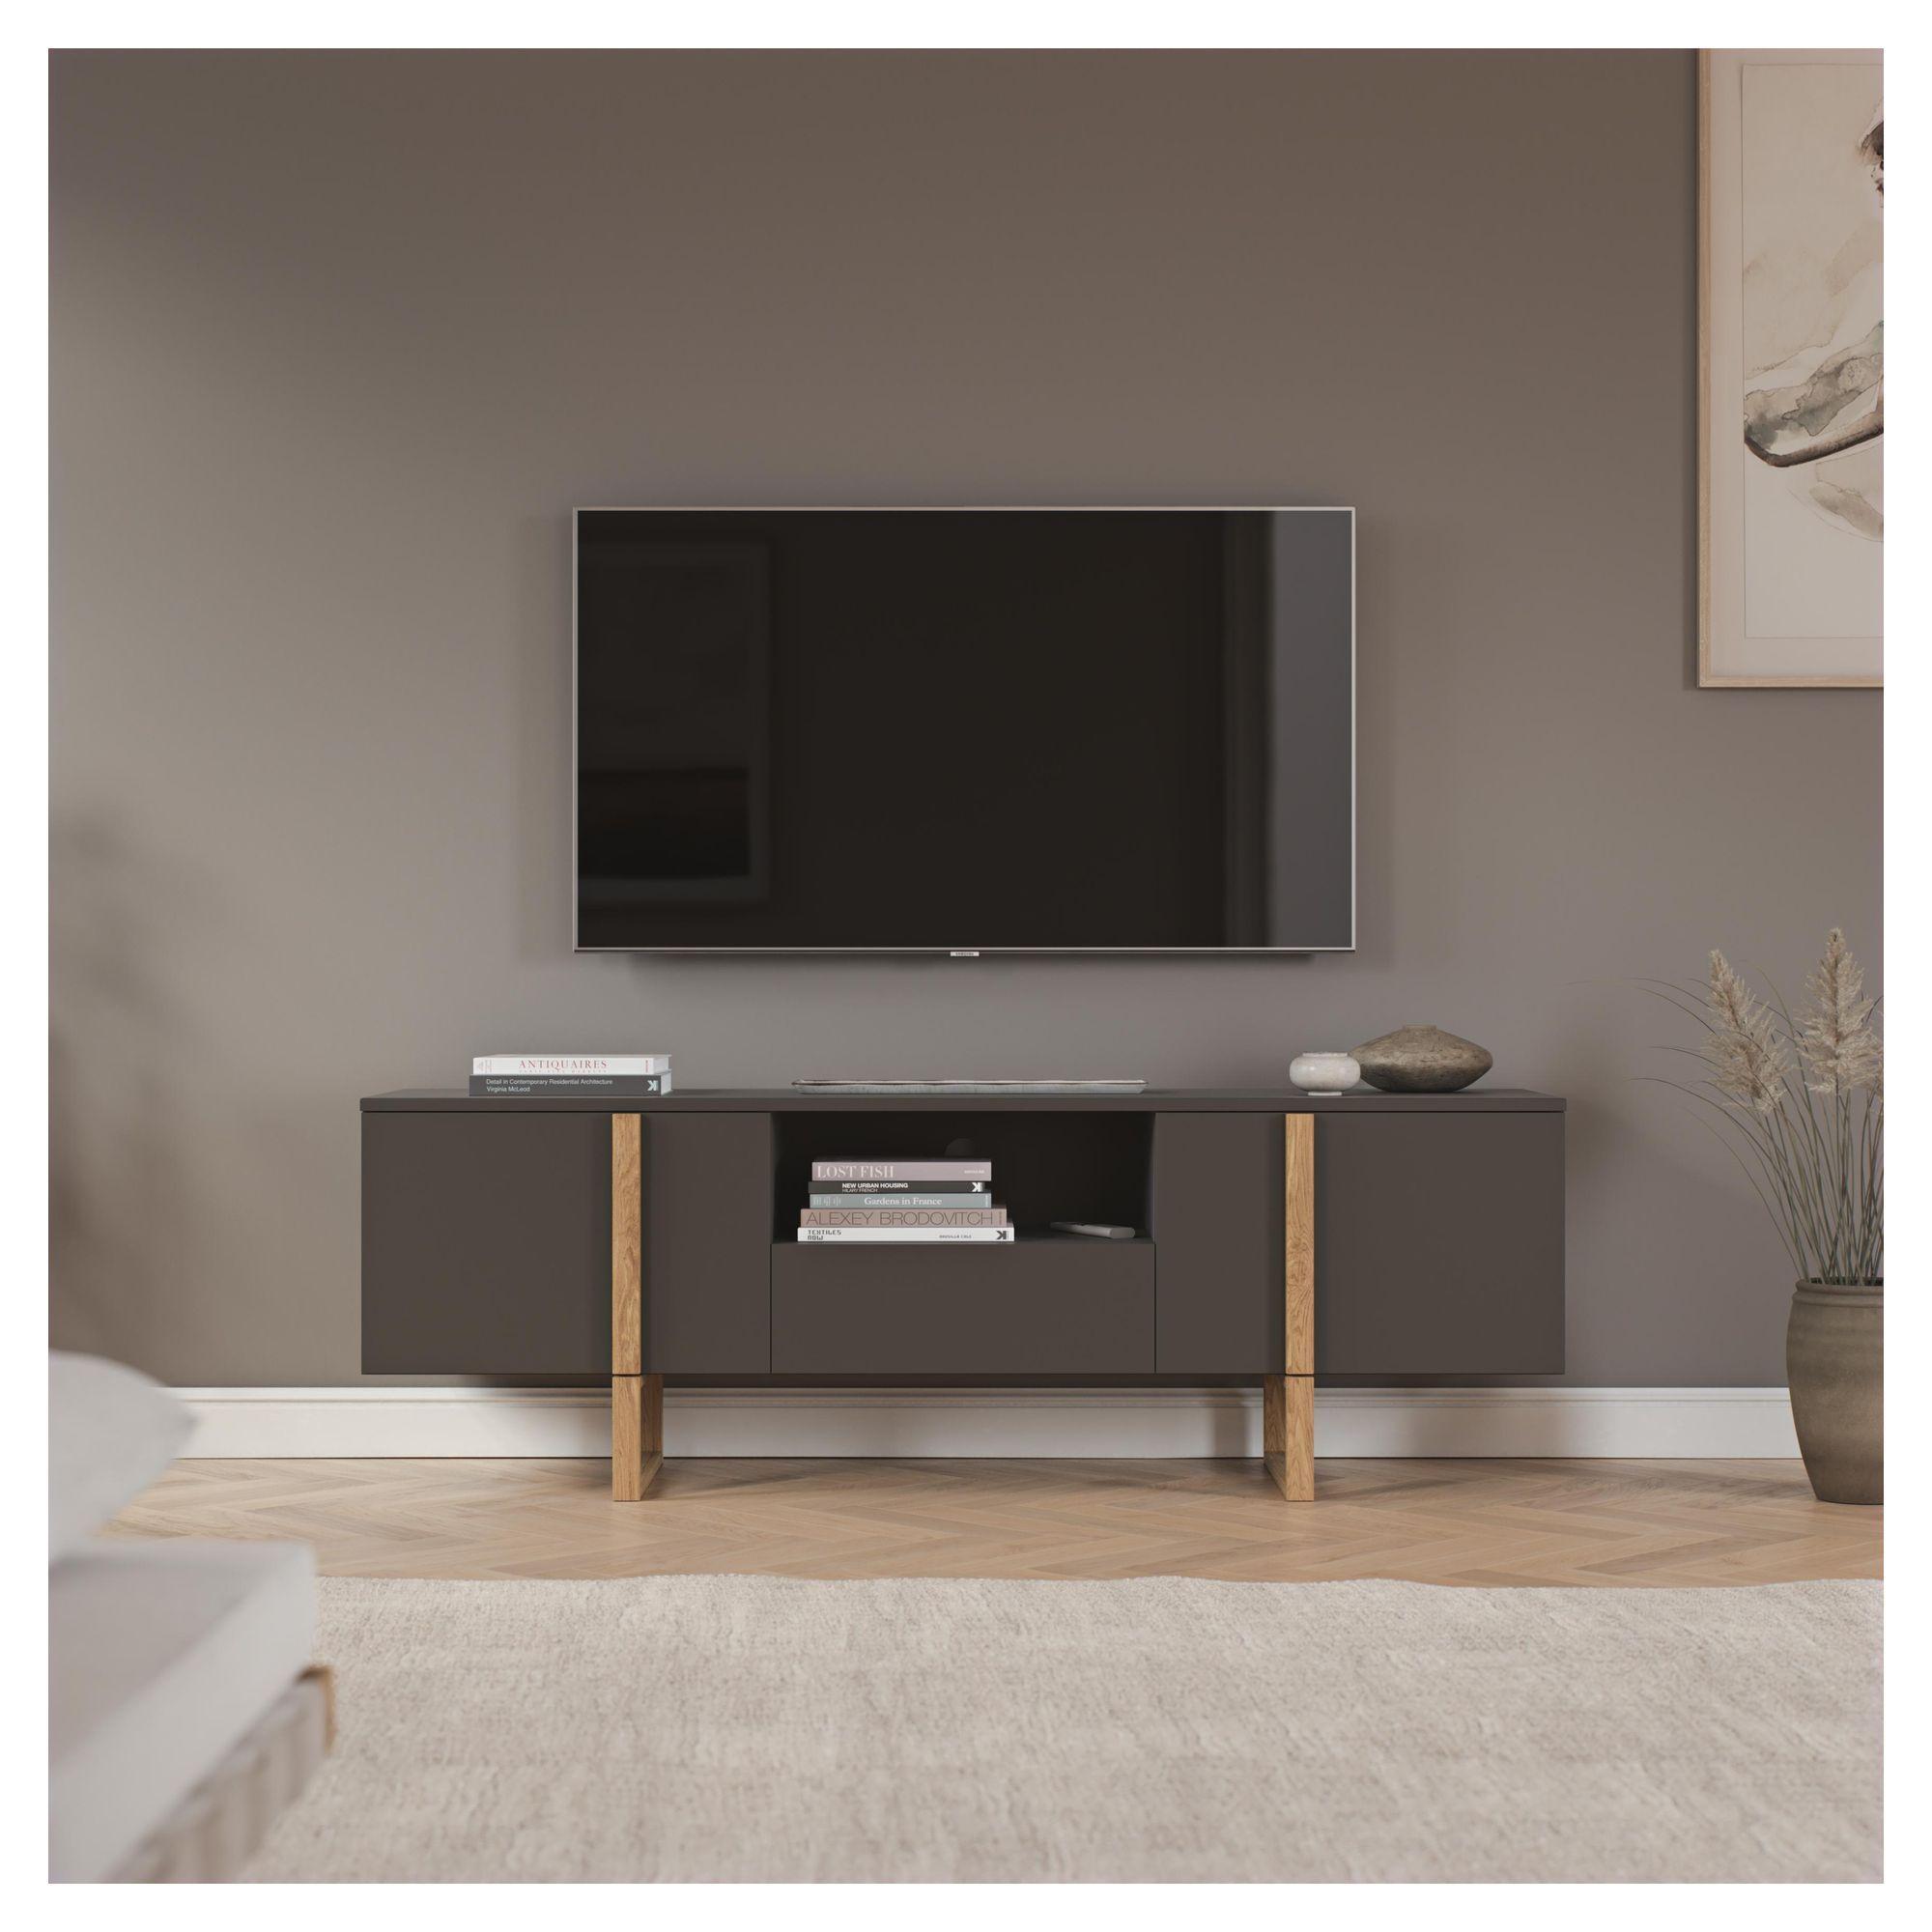 TENZO - Birka TV-bænk, Eg, mat grå